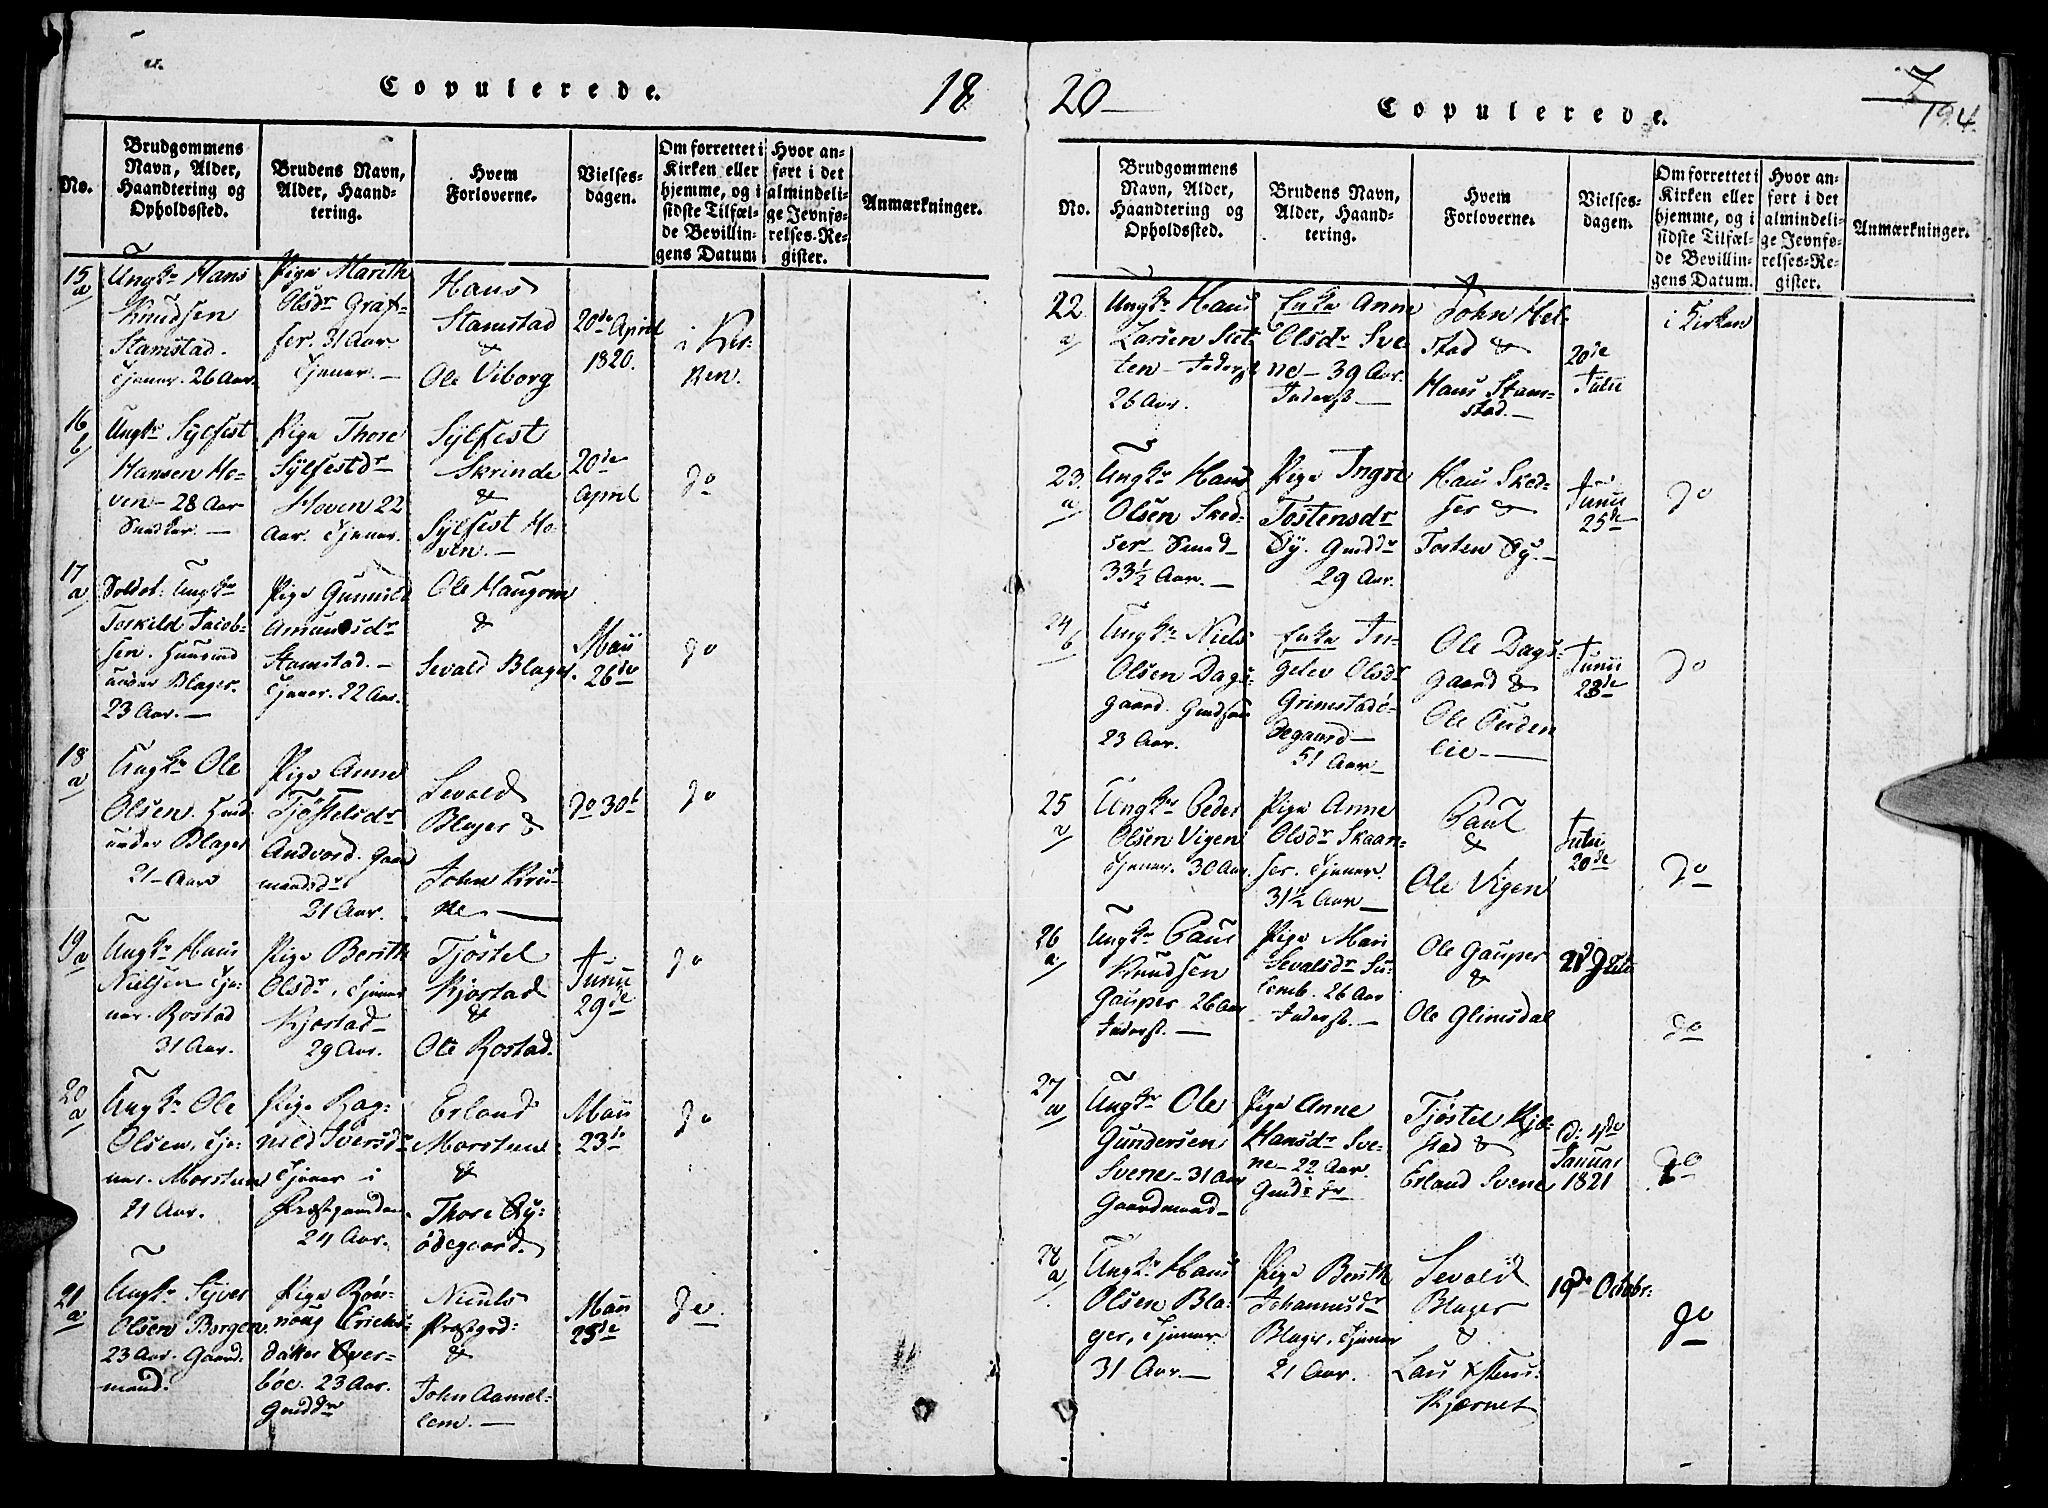 SAH, Lom prestekontor, K/L0004: Ministerialbok nr. 4, 1815-1825, s. 194